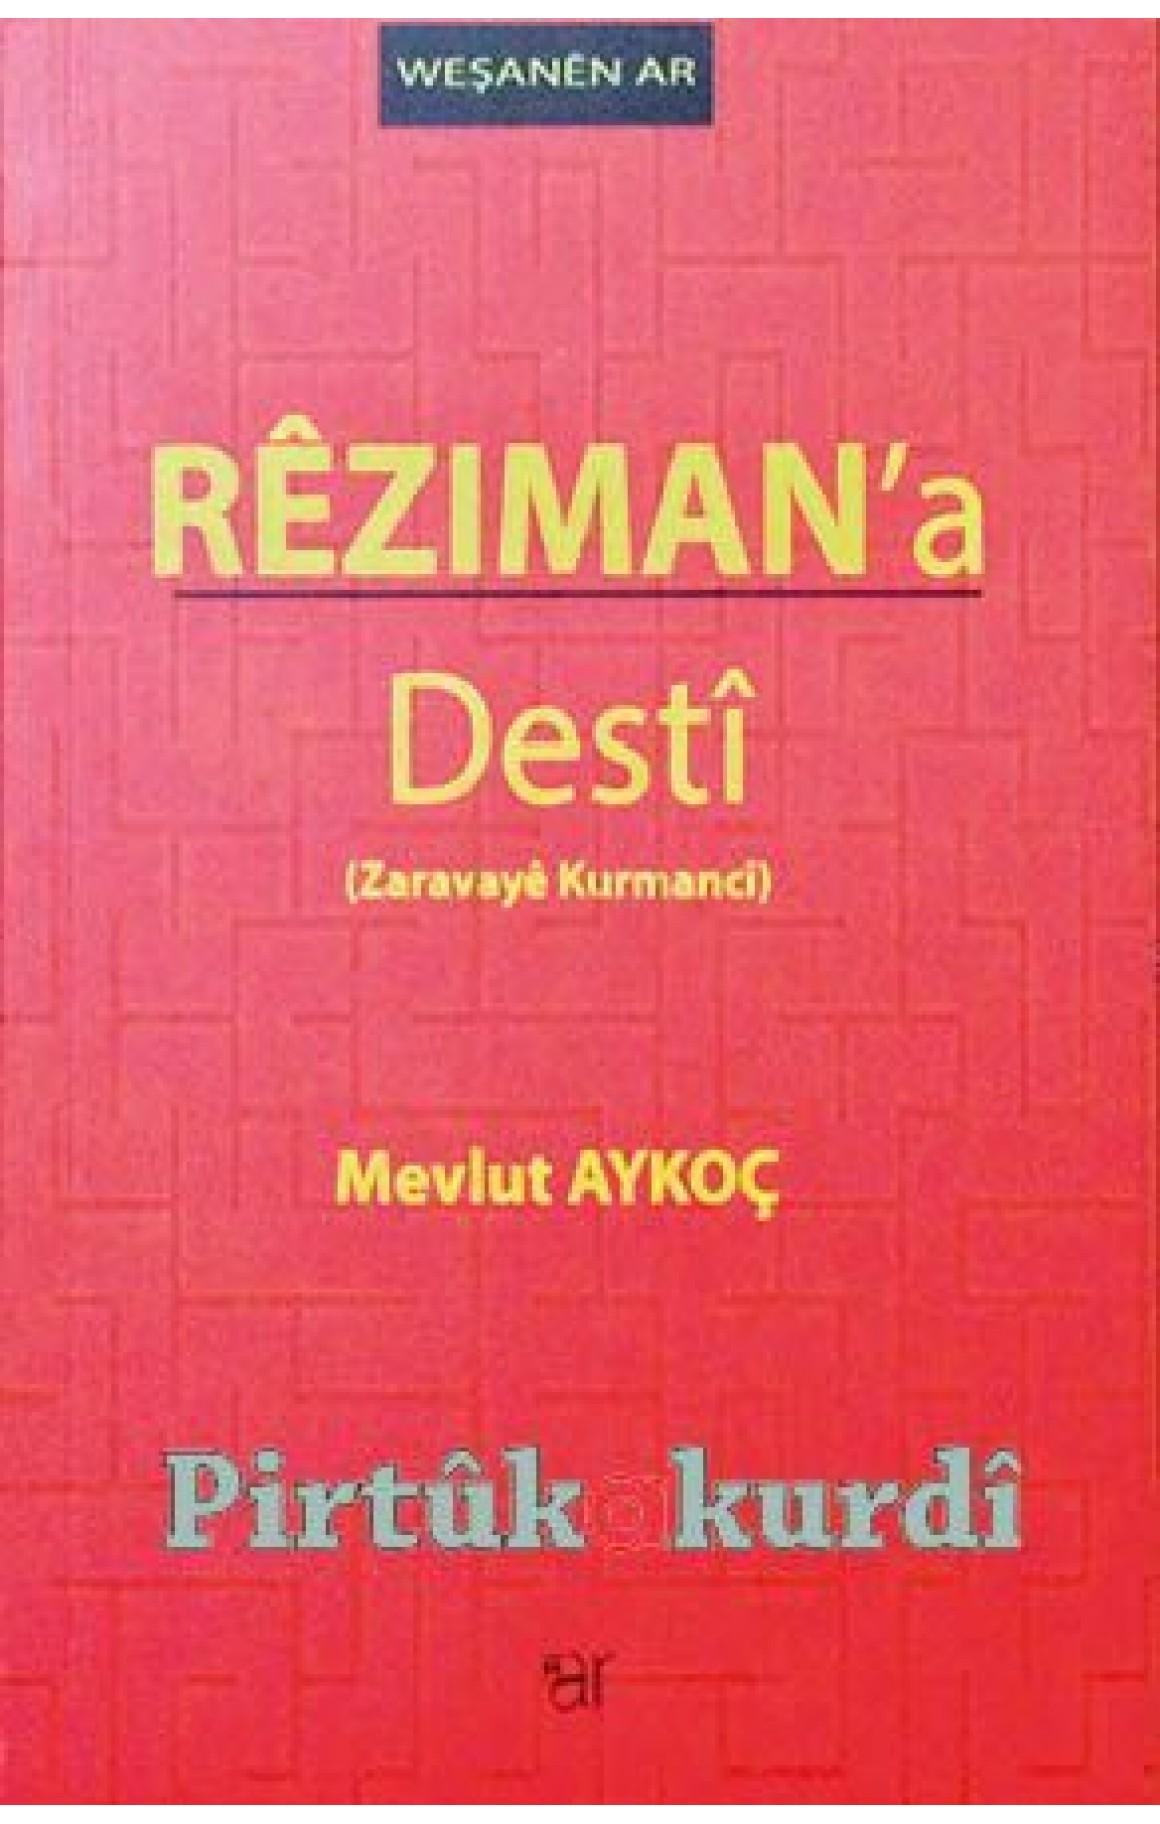 Rêzimana Destî - Zaravayê Kurmancî